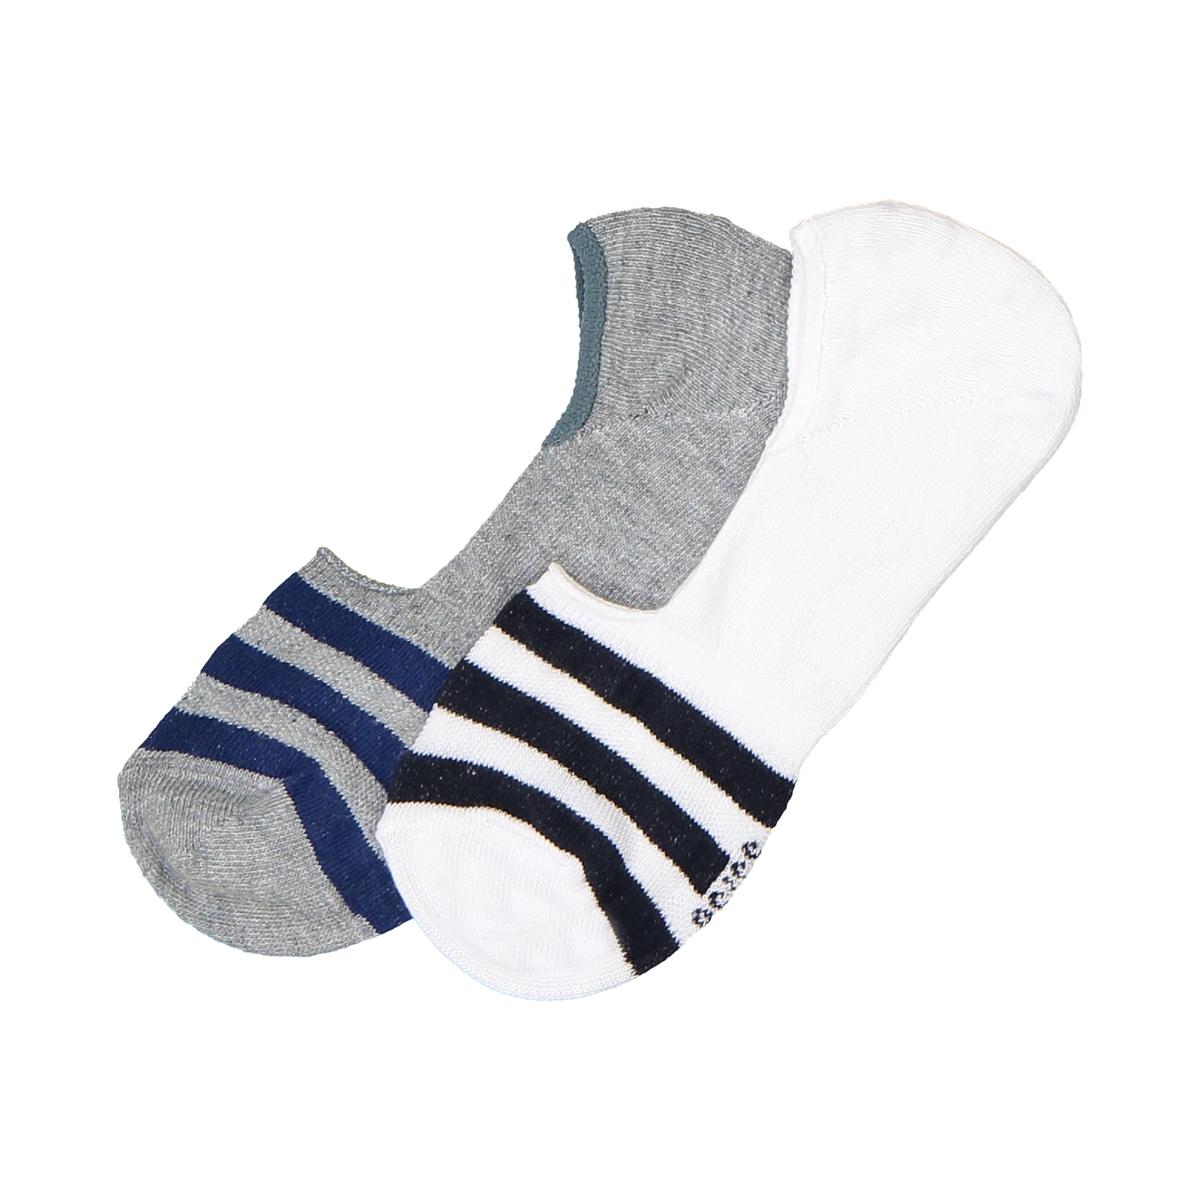 Носки-невидимки в полоску, комплект из 2 парОписание:Комплект из 2 пар носков-невидимок : Носки-невидимки в красивую полоску прекрасно сочетаются с низкой обувью!Состав и описание :Комплект из 2 пар носков-невидимок, полосы спередиМатериал : 76% хлопка, 23% полиамида, 1% эластана Уход :Машинная стирка при  30°C с вещами подобных цветов.Стирать, сушить и гладить с изнаночной стороны.Машинная сушка в умеренном режиме..Гладить при умеренной температуре.<br><br>Цвет: серый + белый